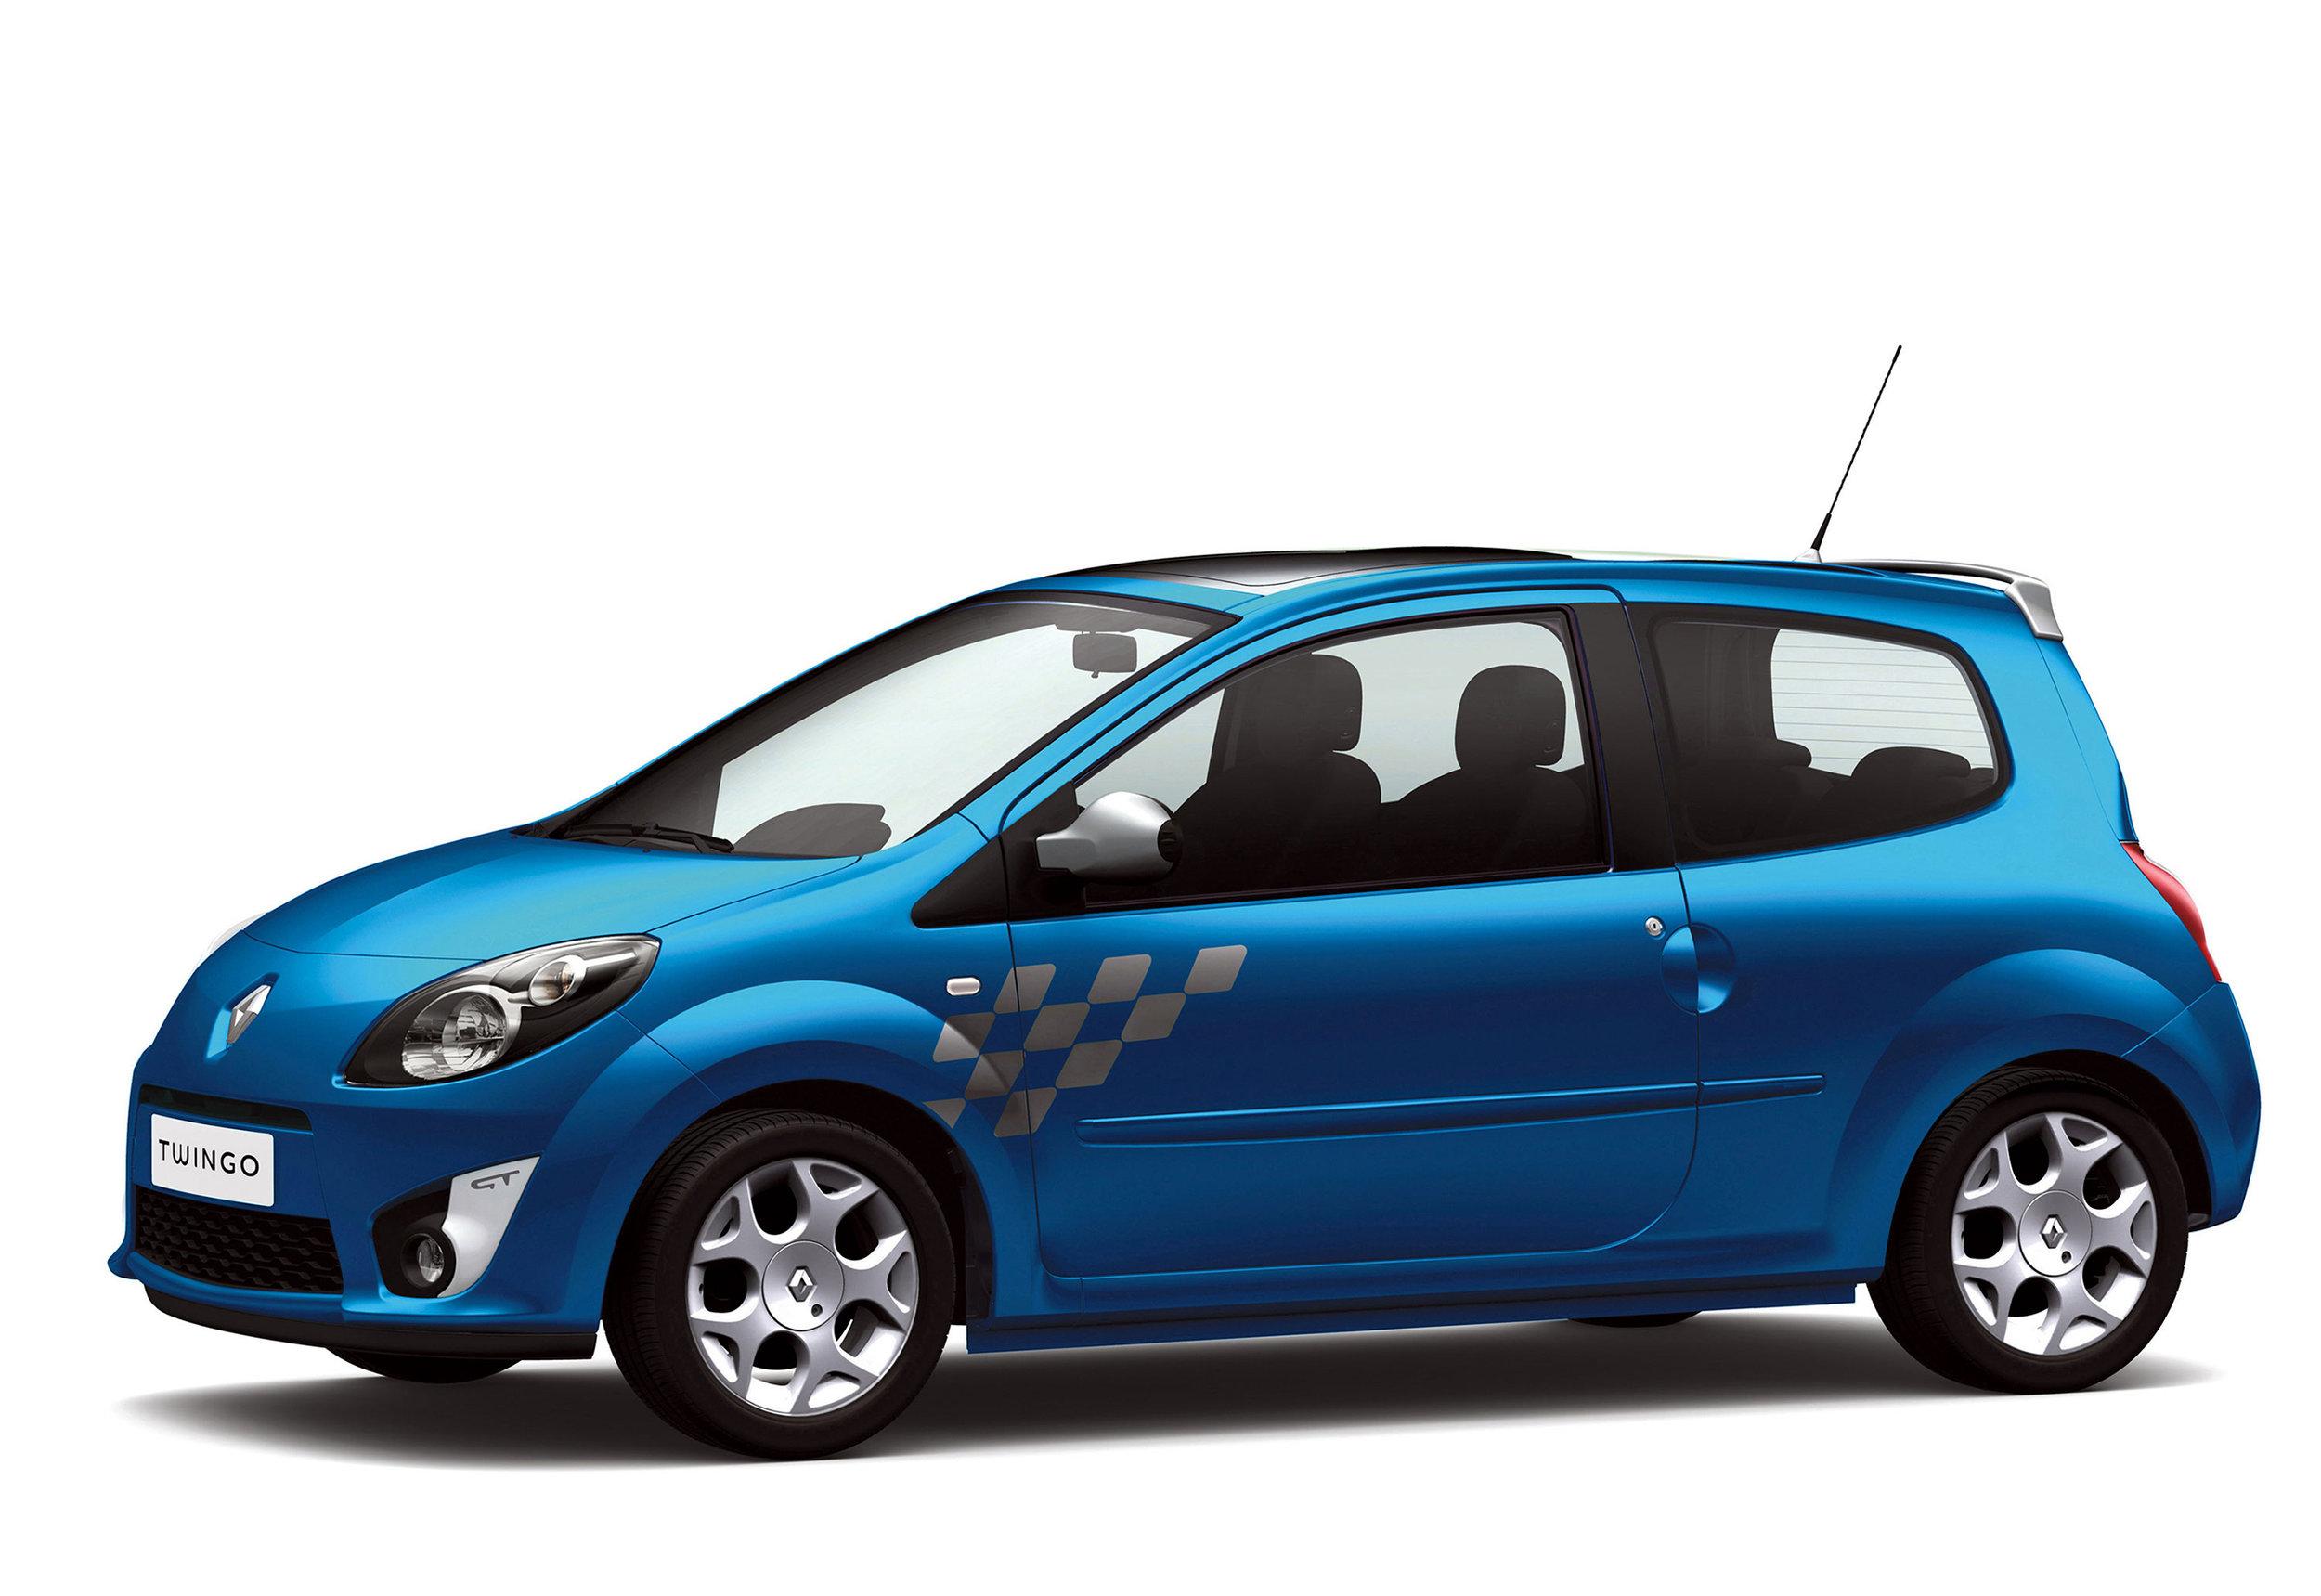 Renault-Twingo-02.jpg